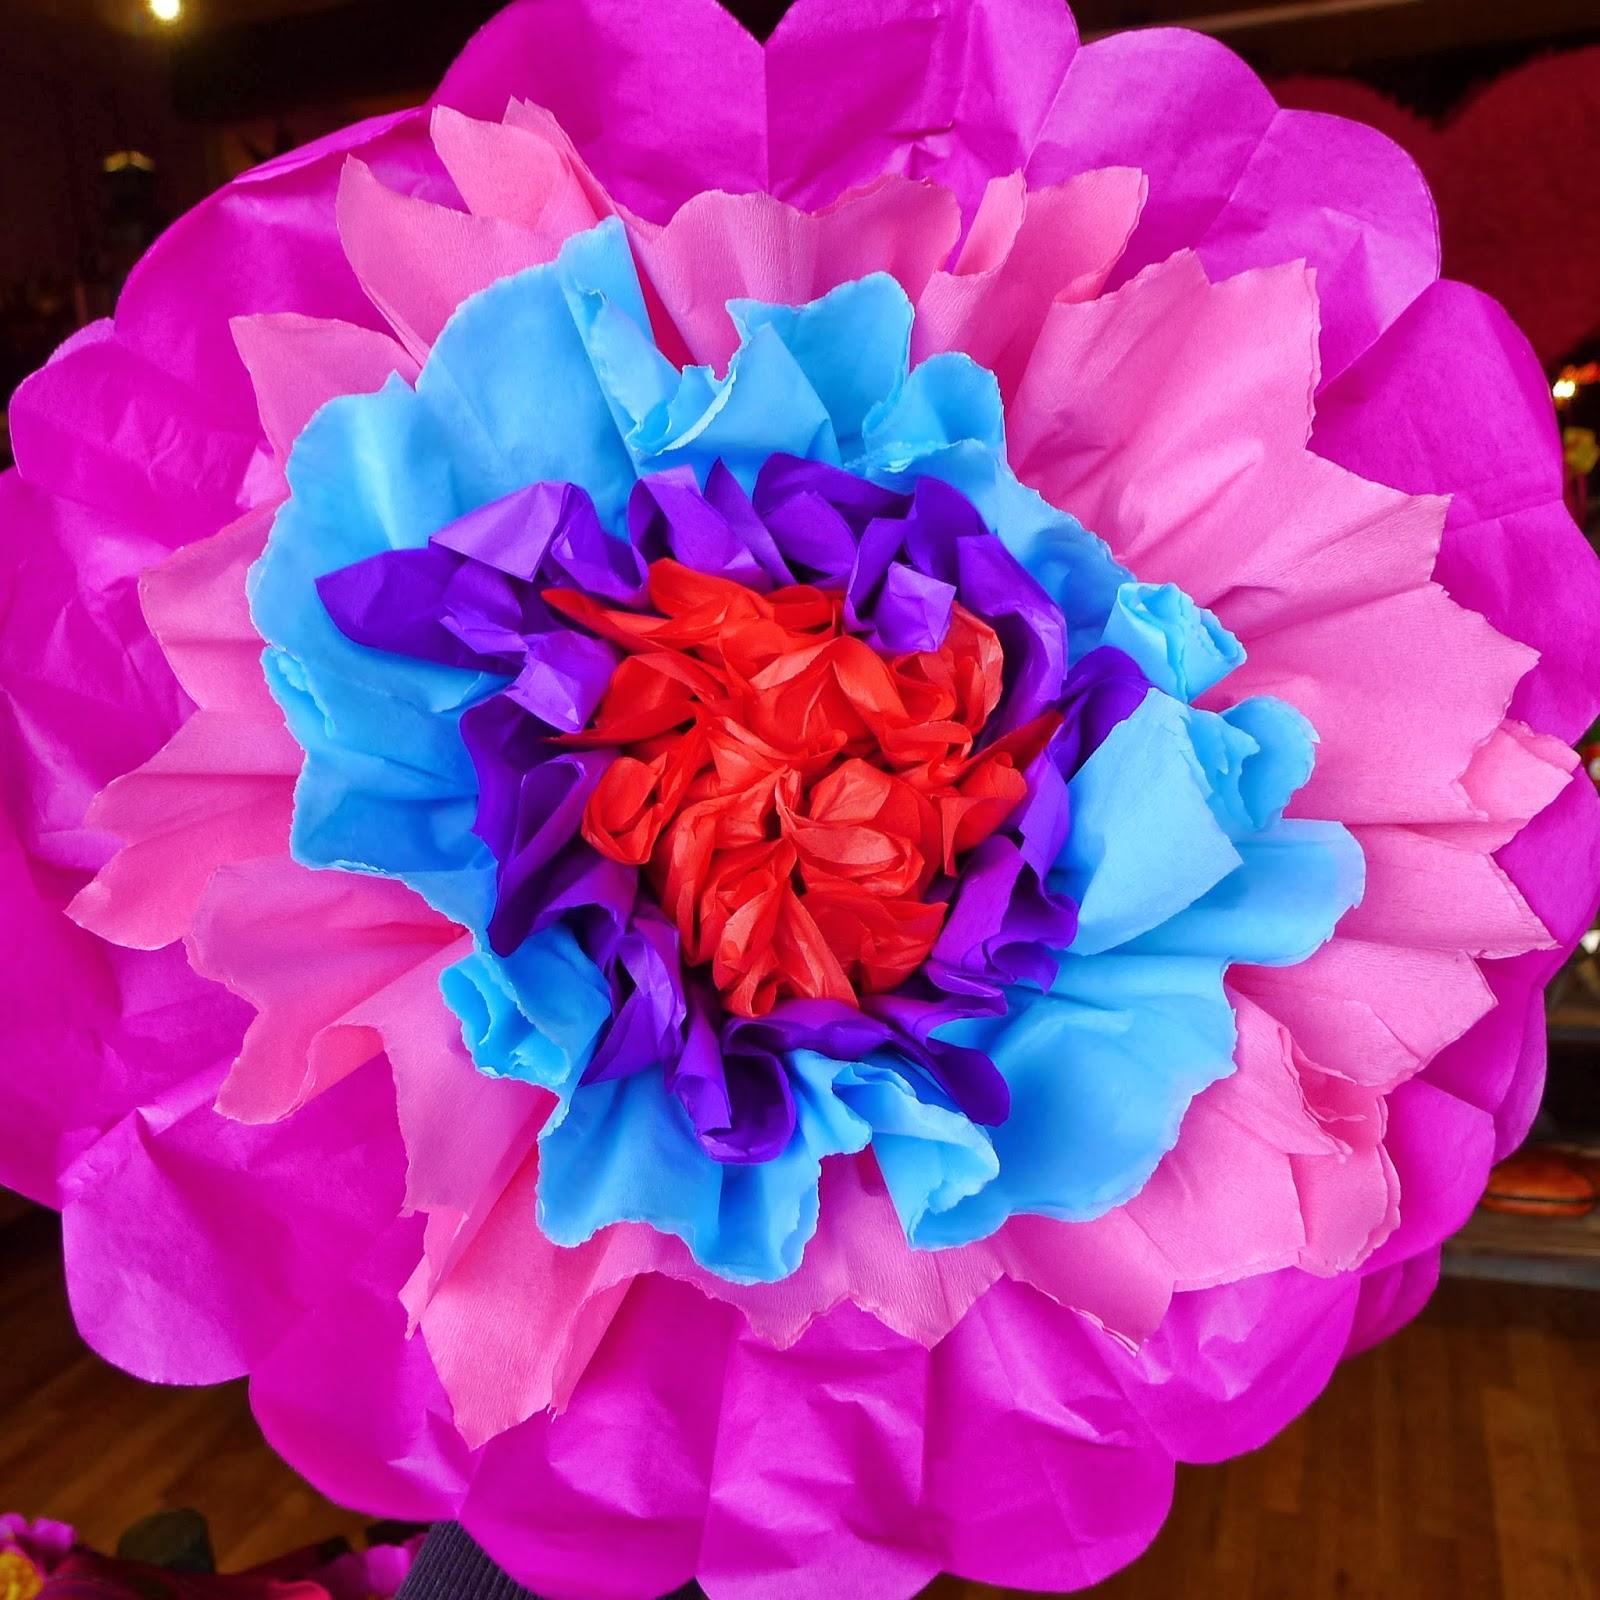 Artelexia: DIY Tissue Paper Flowers